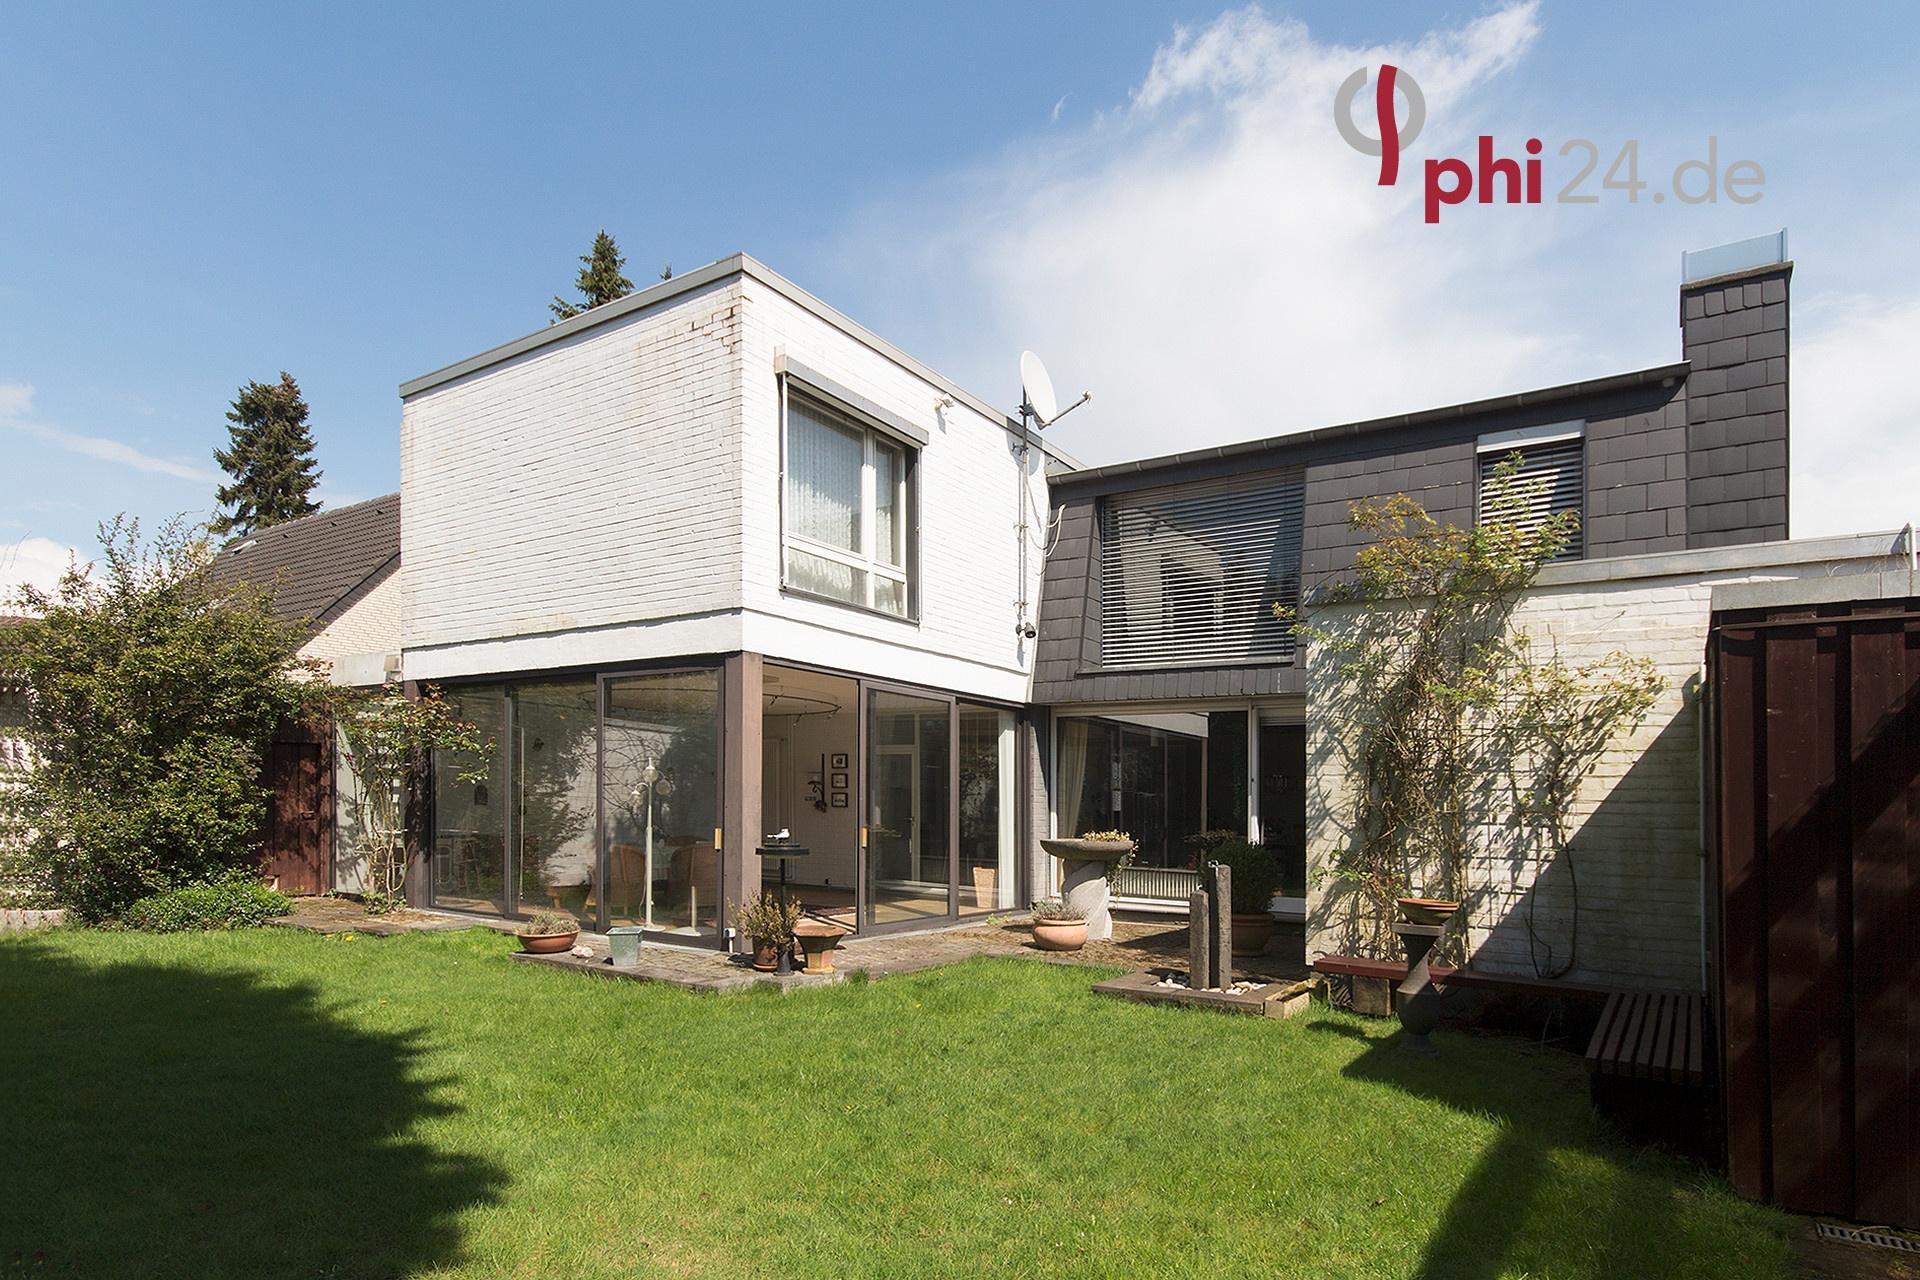 Immobilienmakler Würselen Einfamilienhaus referenzen mit Immobilienbewertung